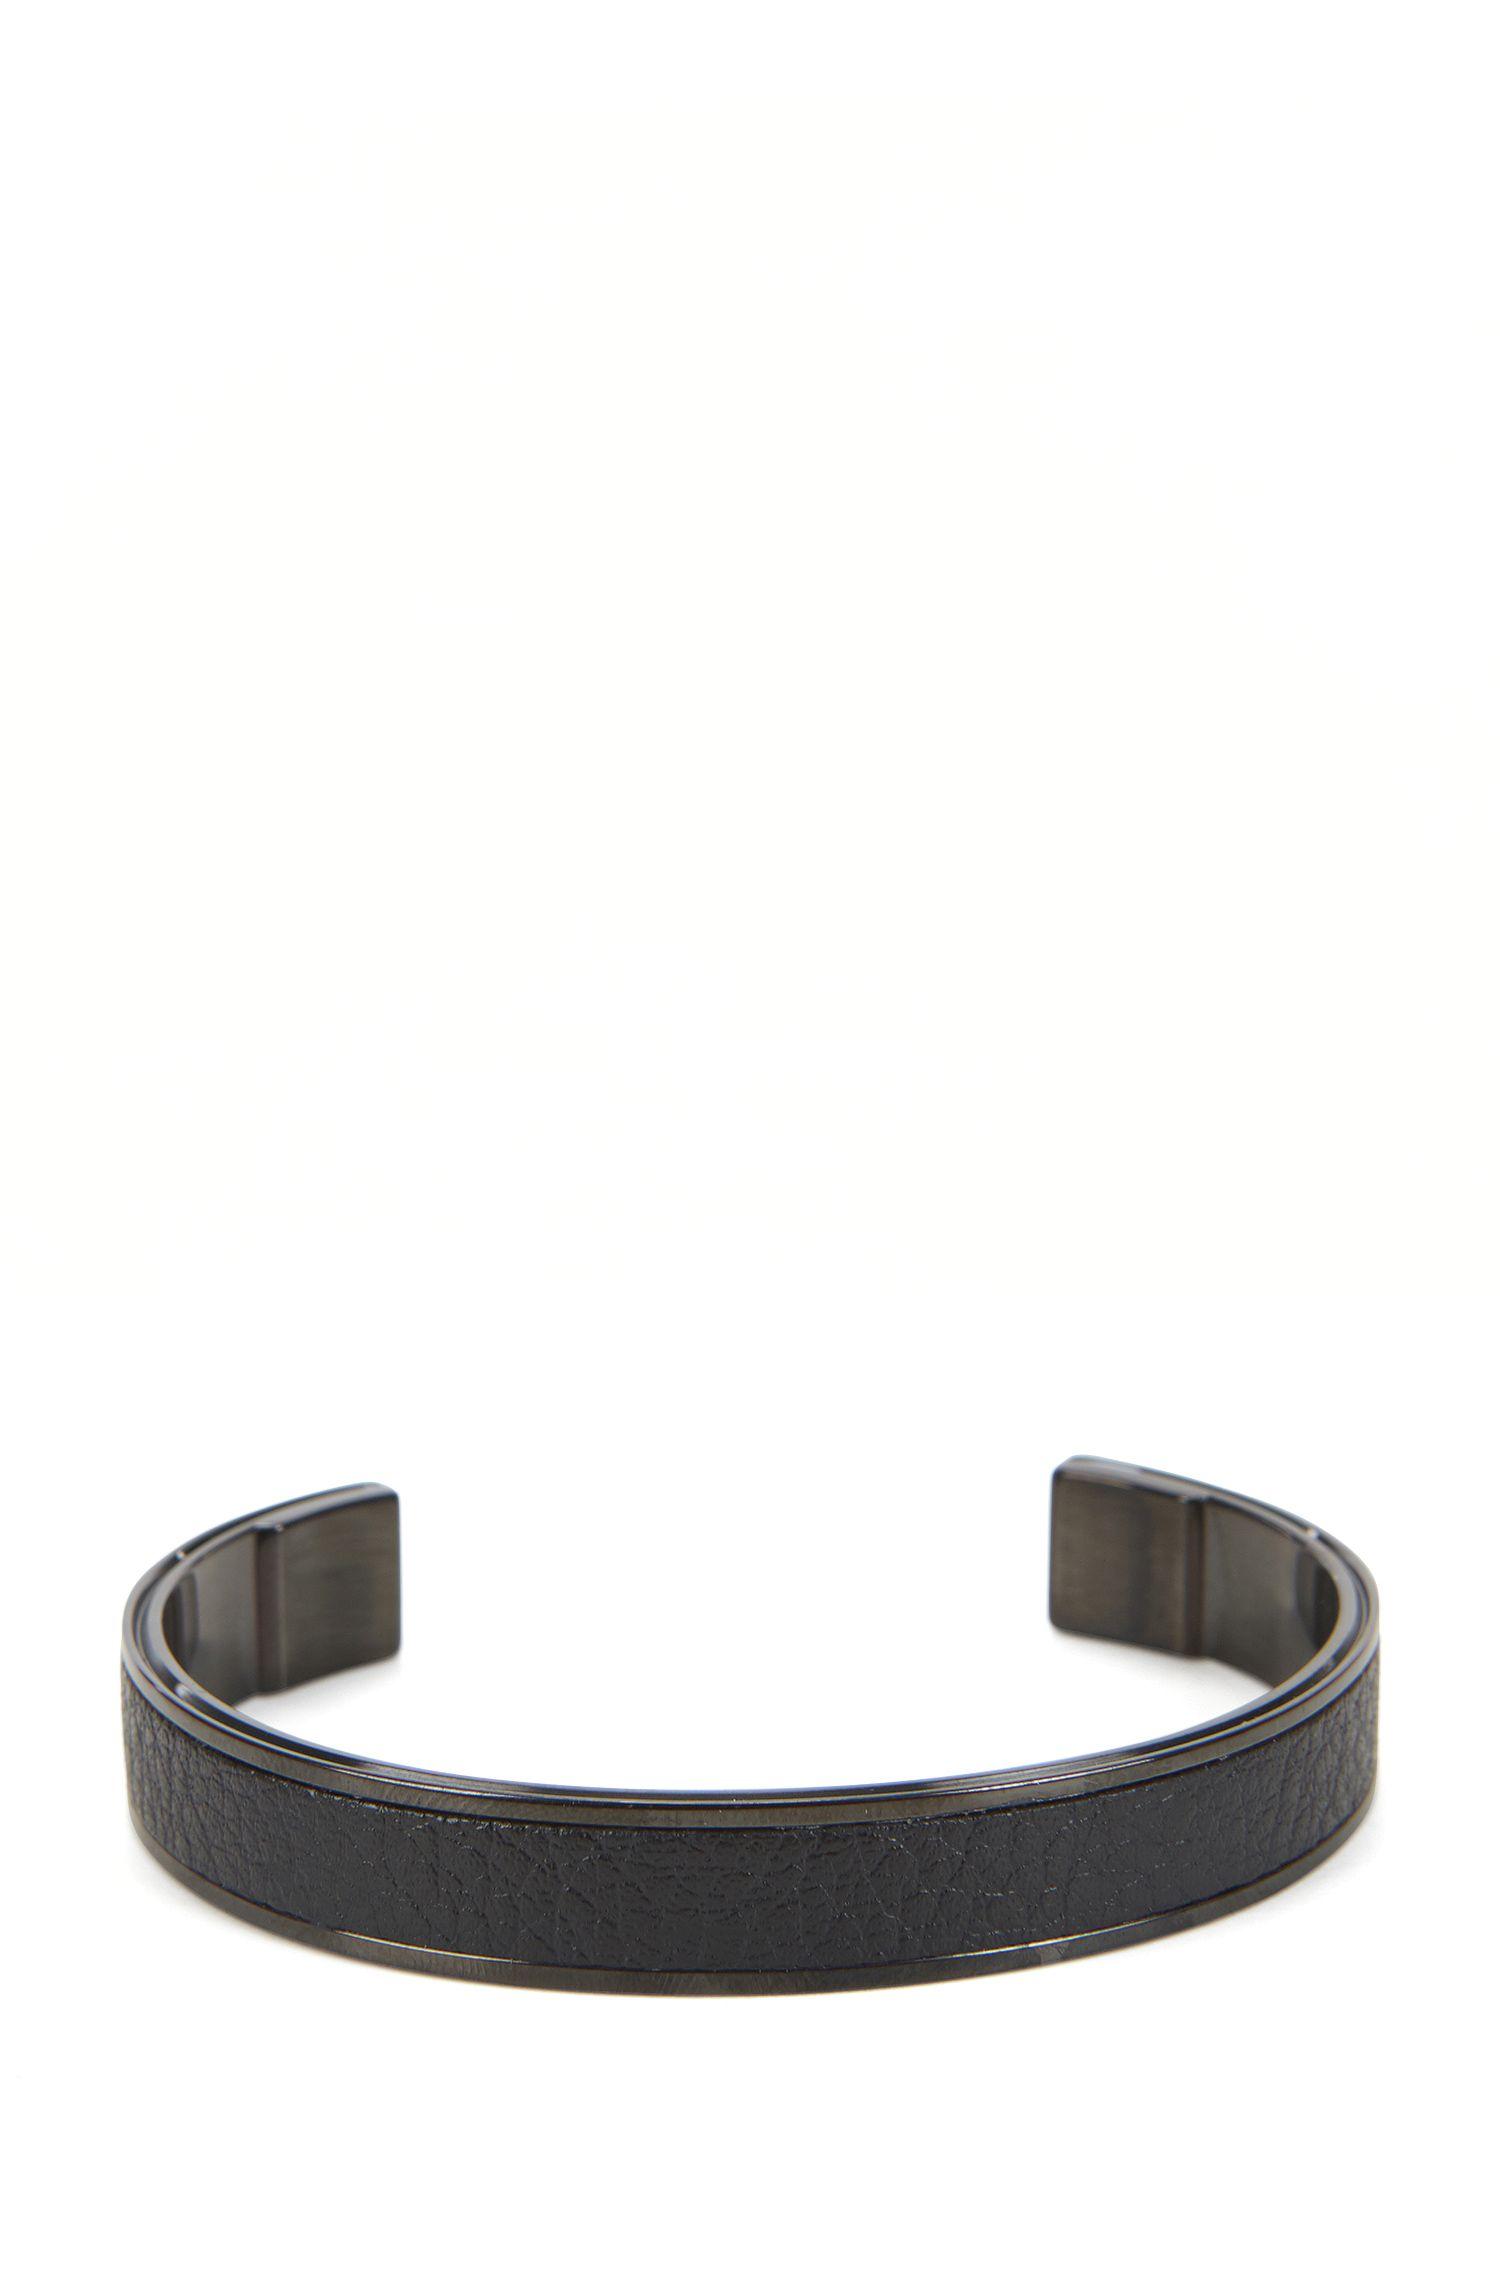 Bracelet jonc en métal plaqué de couleur noire à insert en cuir